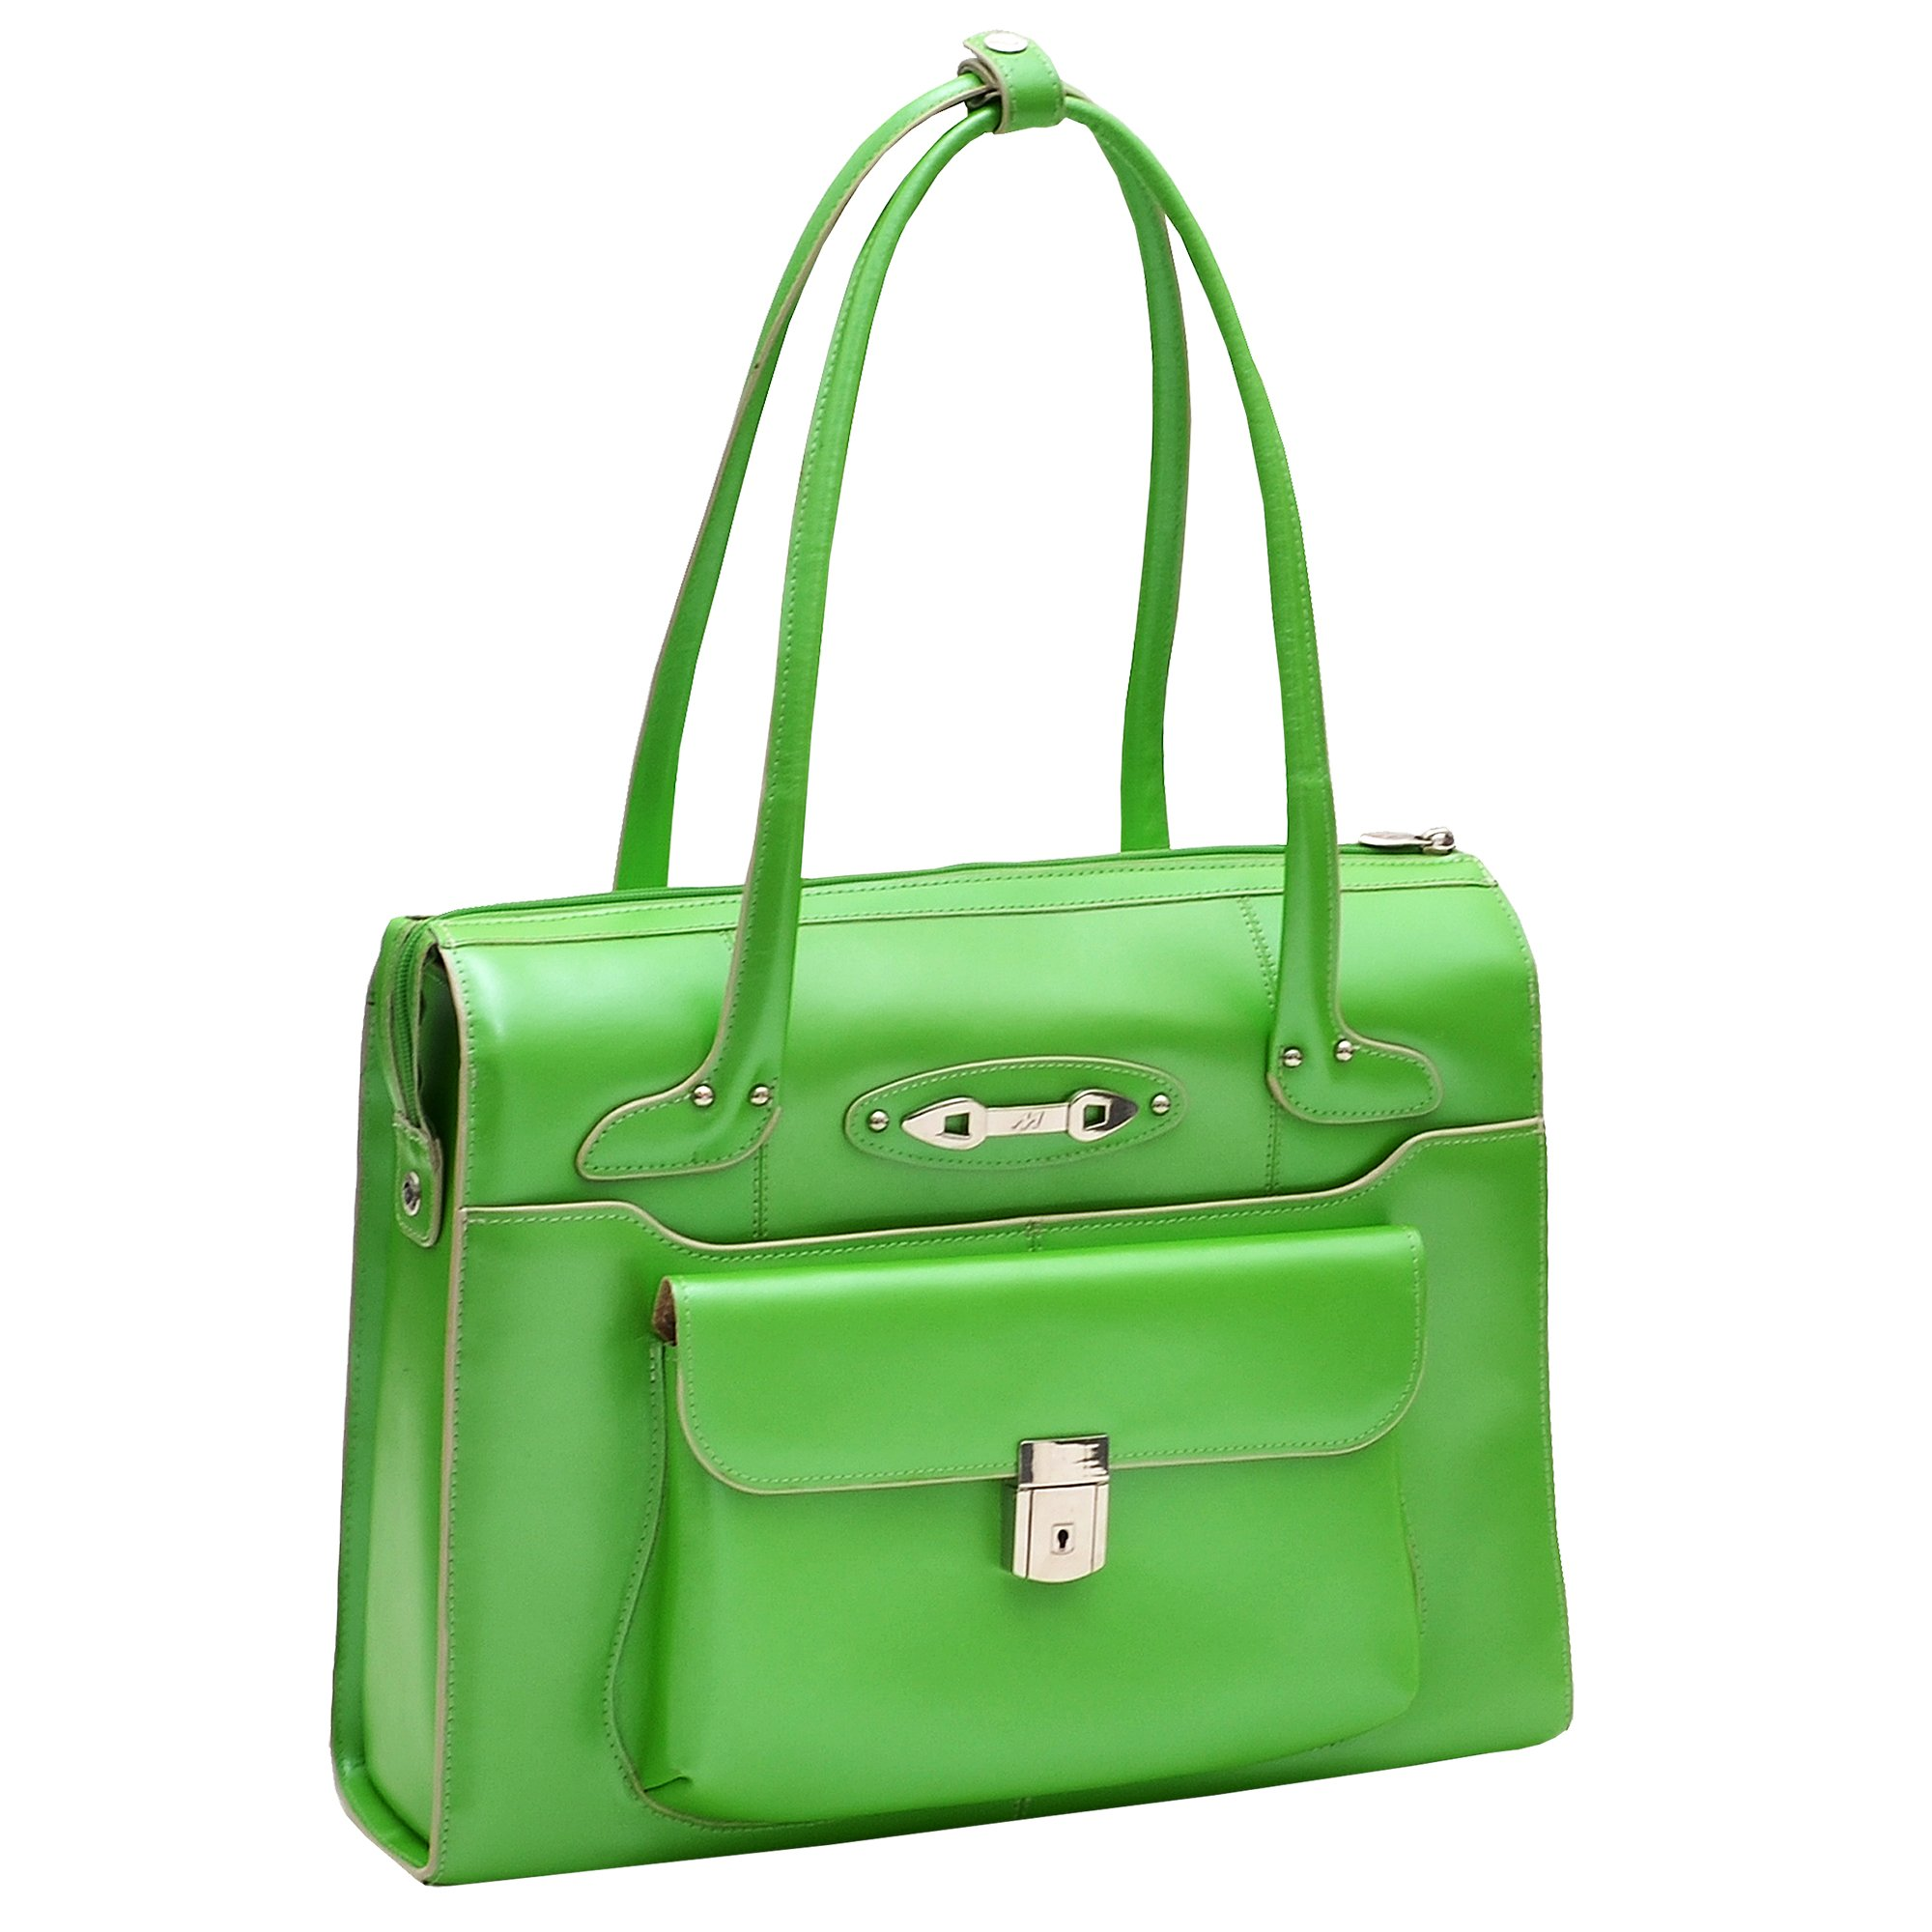 McKleinUSA WENONAH 96661 Green Leather Ladies' Briefcase by McKleinUSA